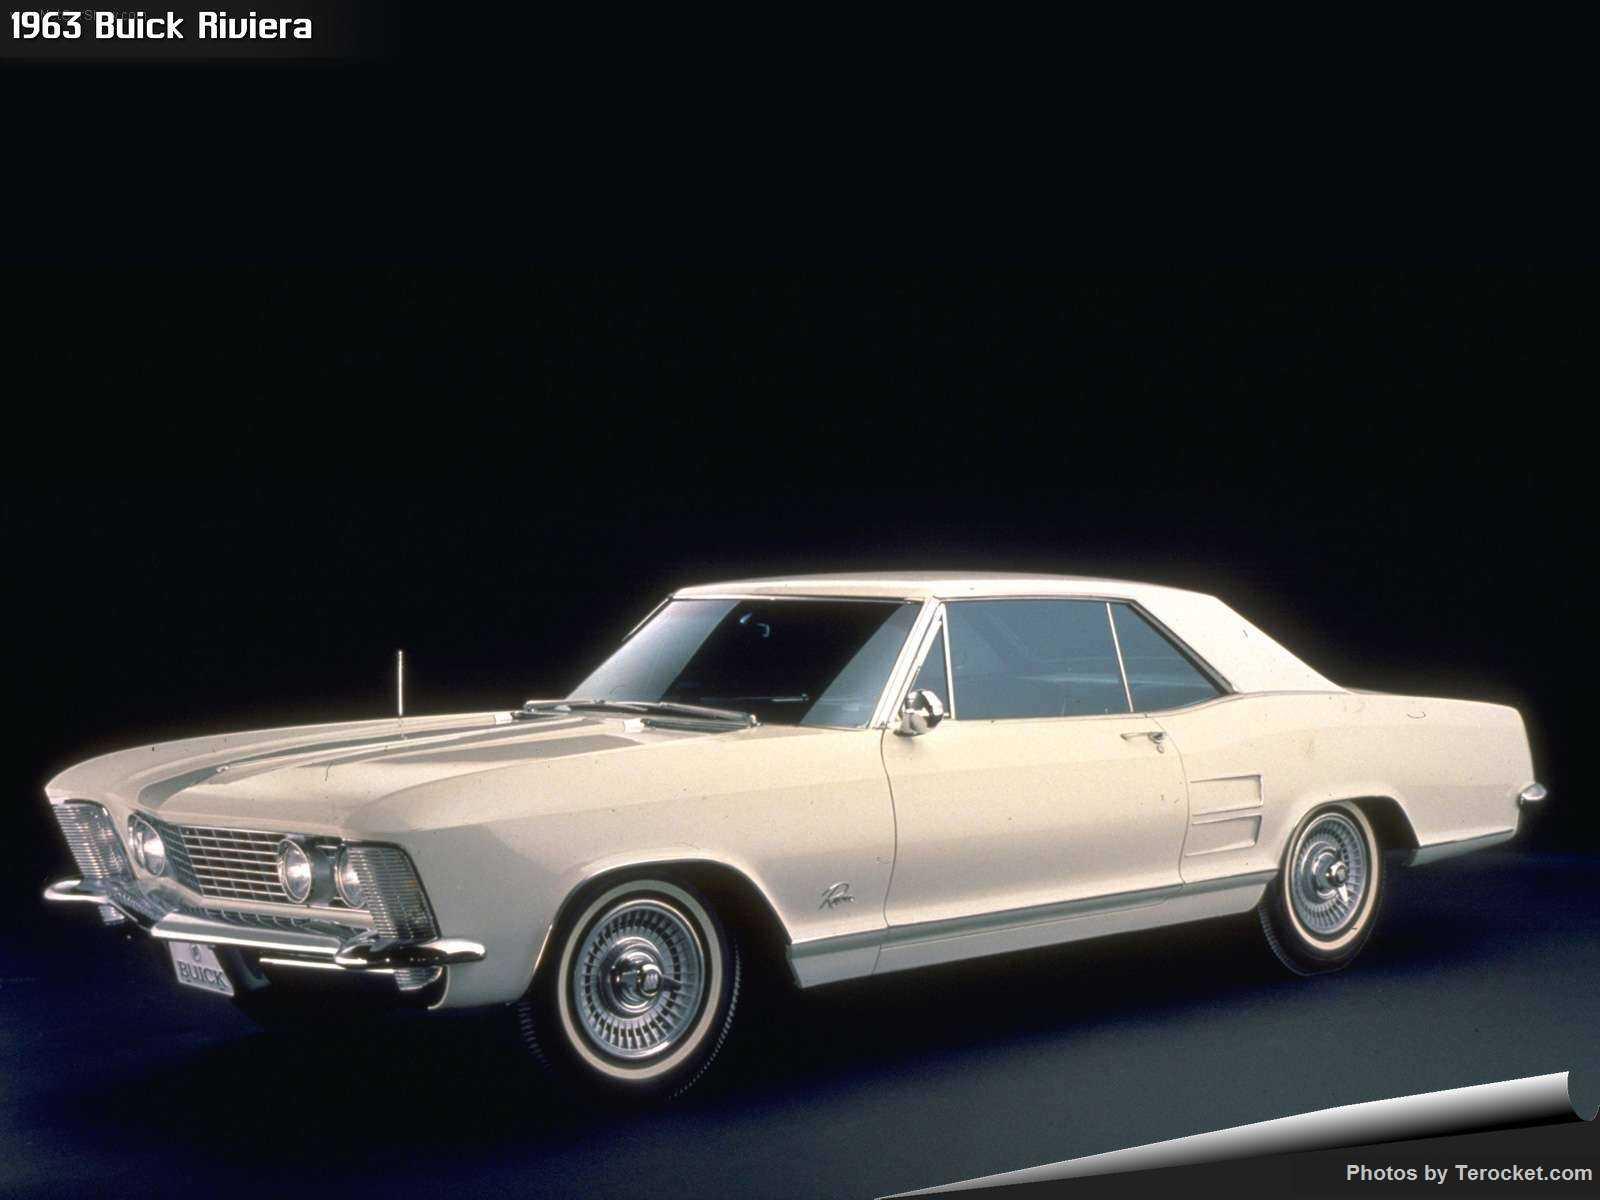 Hình ảnh xe ô tô Buick Riviera 1963 & nội ngoại thất